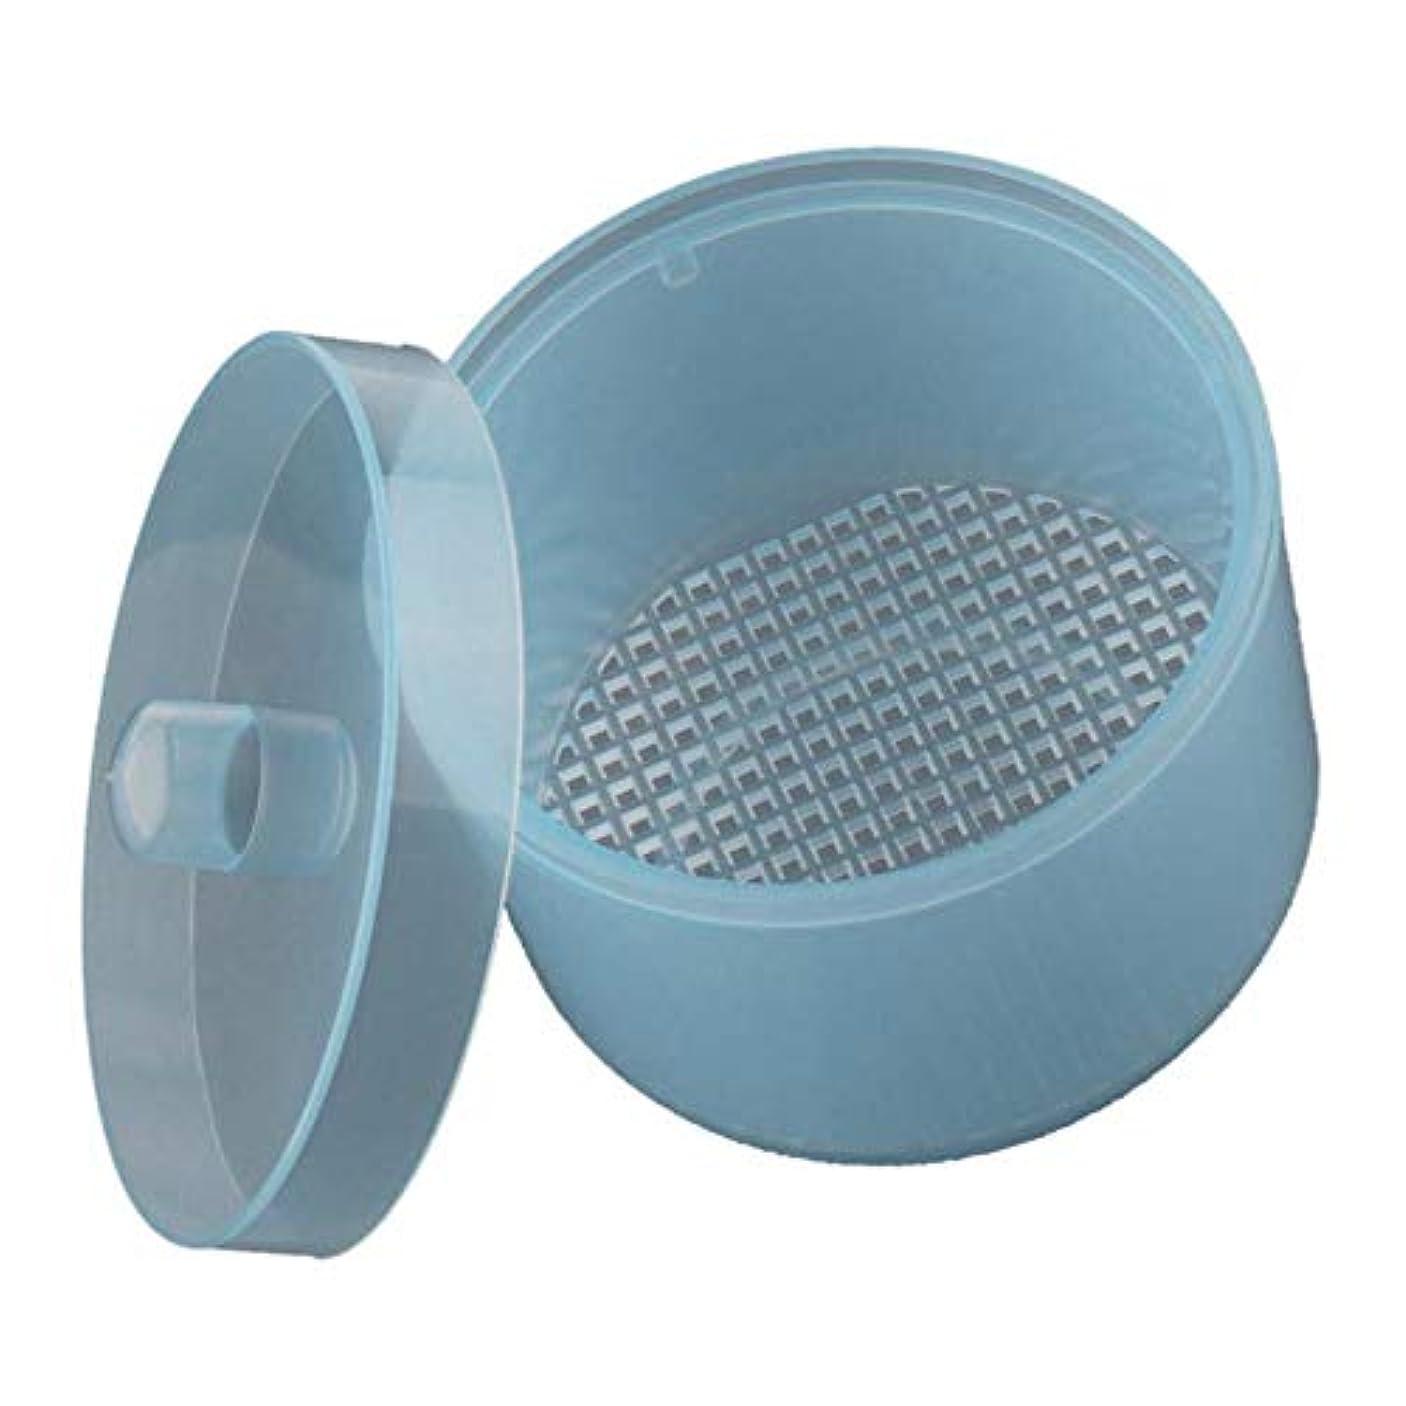 チャーム証言する排泄するSM SunniMix ネイルアート ネイルドリルビット ネイル研磨ヘッド クリーニングボックス 自己排水 全4カラー - 青